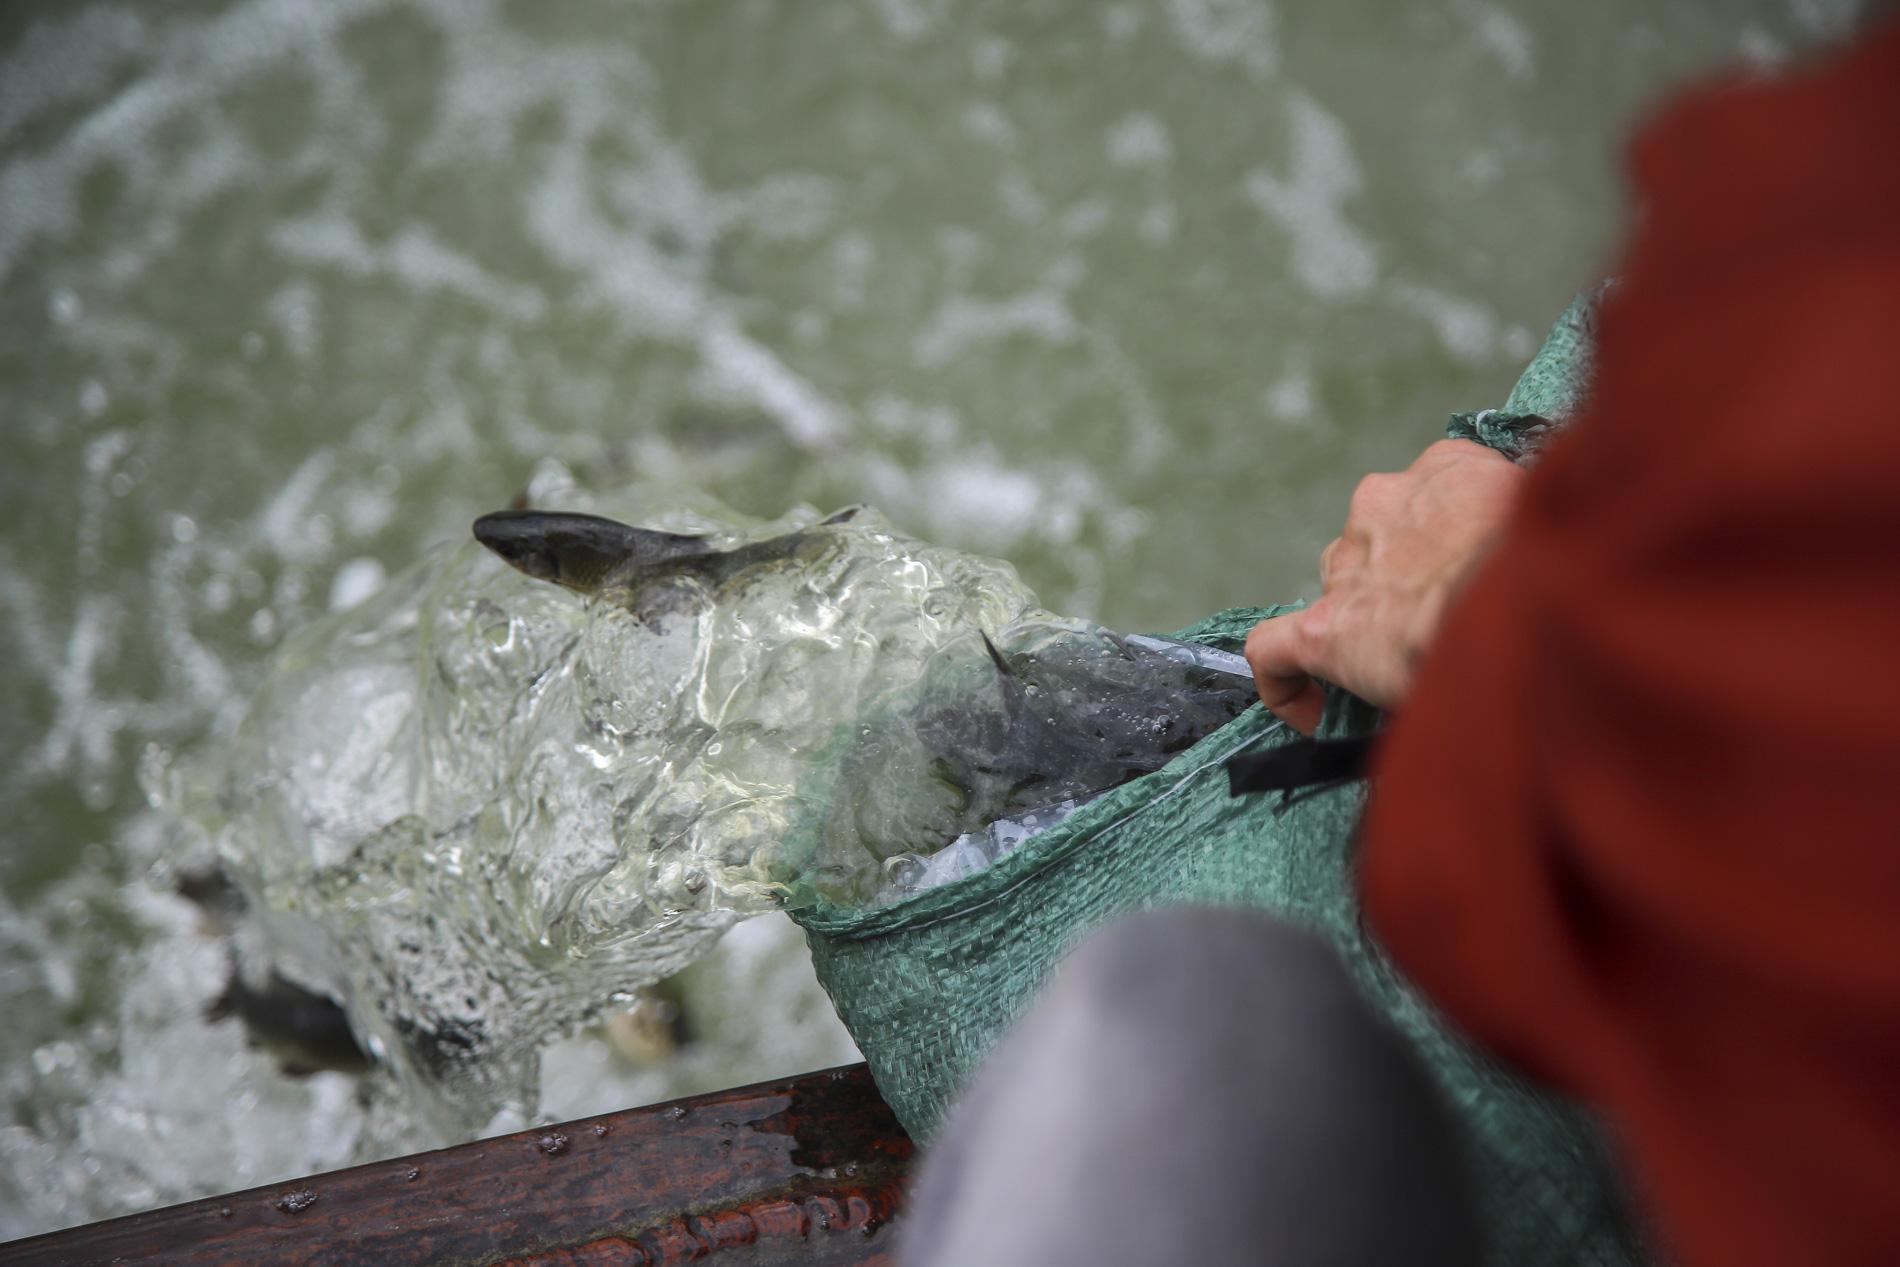 Hơn 10 tấn cá được phóng sinh trên quê hương Bác Hồ - Ảnh 4.